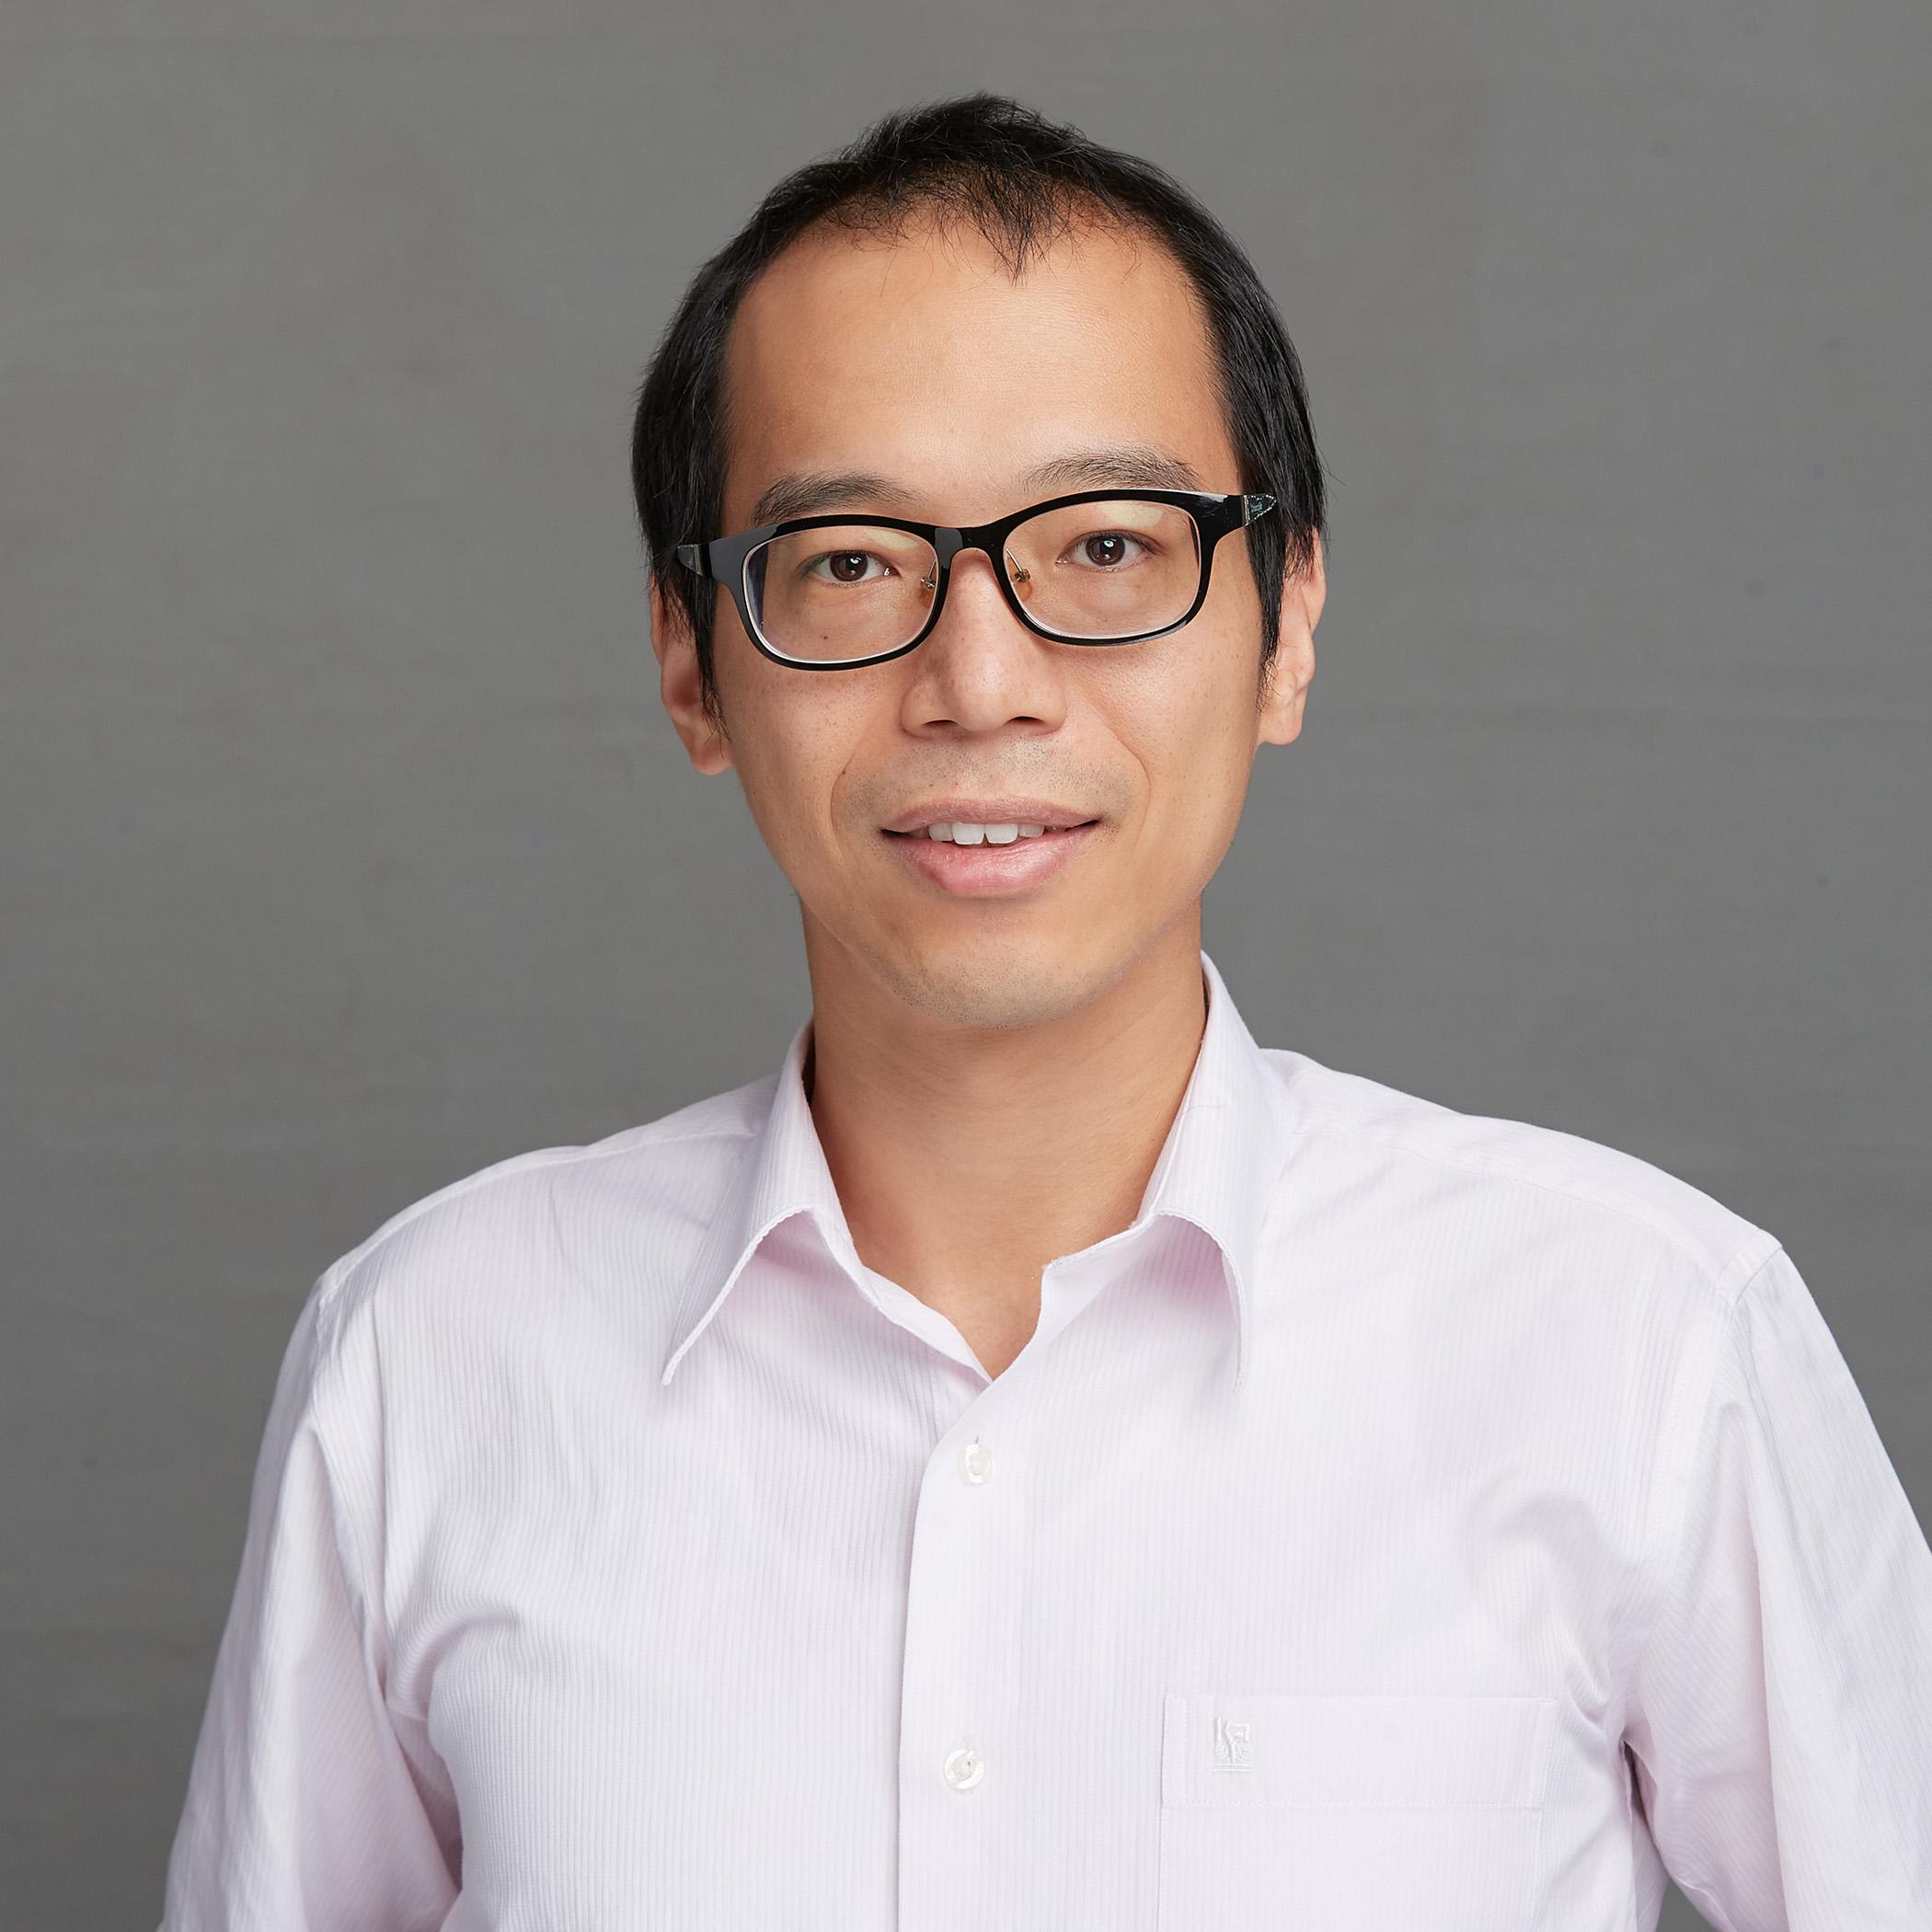 Ching-Chi Yang